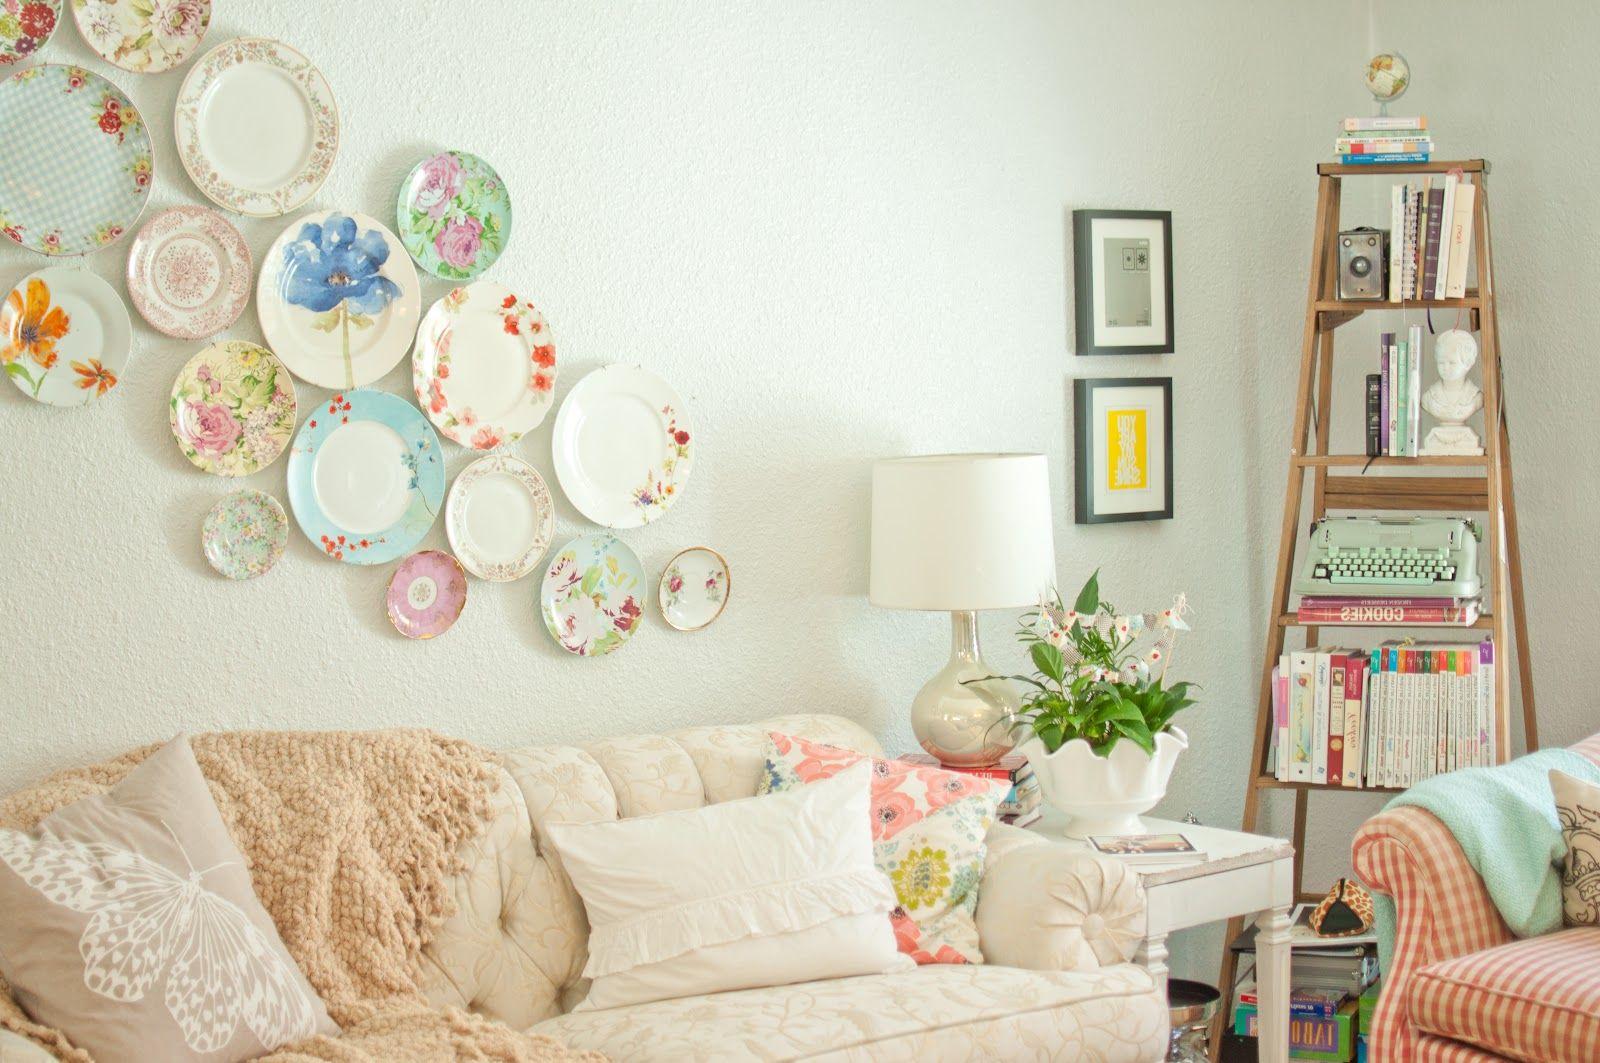 صور ديكورات منزلية بسيطة , افكار لتجديد ديكور المنزل